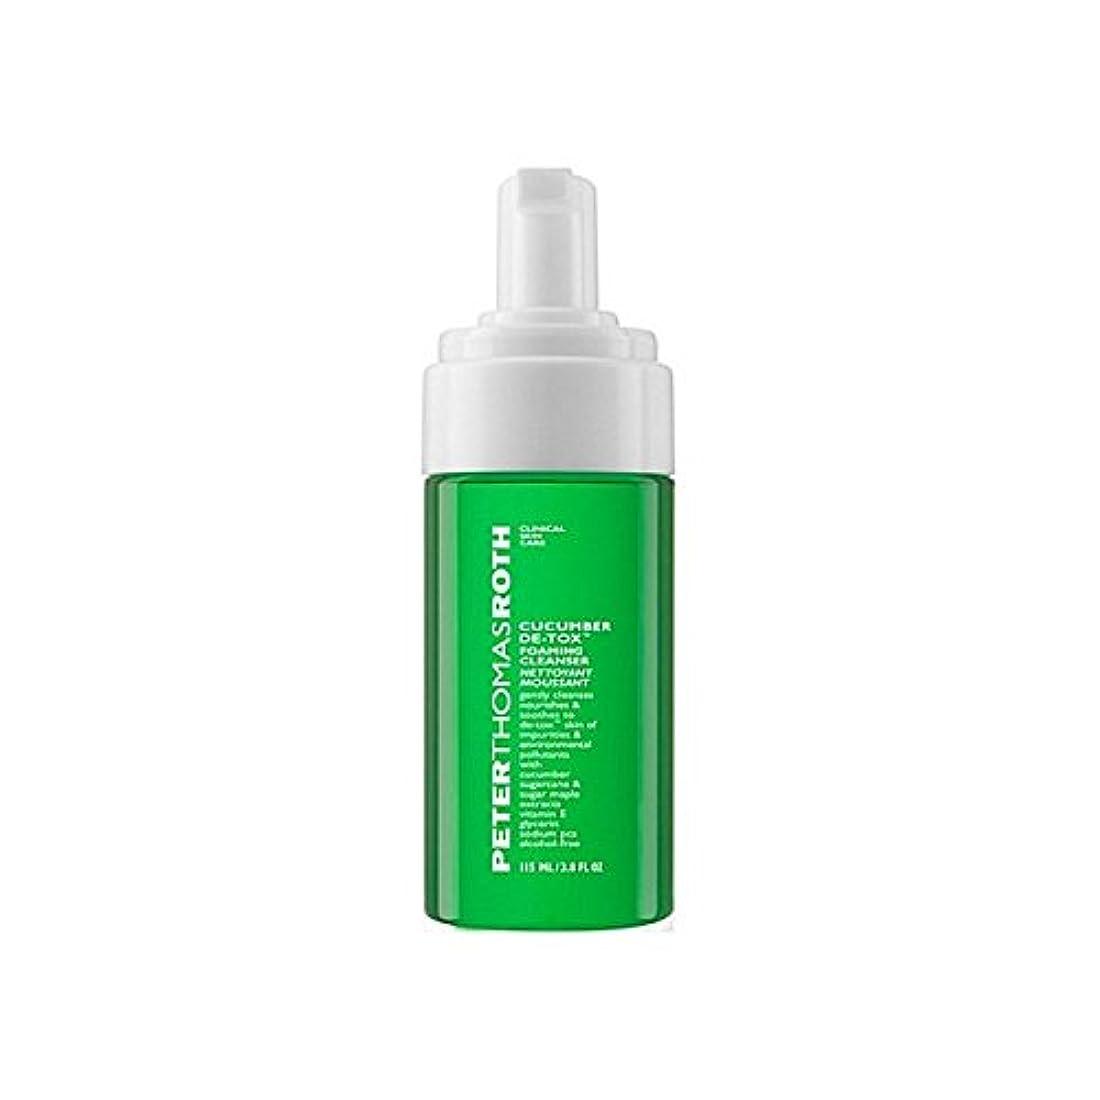 呪われた送料種ピータートーマスロスキュウリデ発泡クレンザー x4 - Peter Thomas Roth Cucumber De-Tox Foaming Cleanser (Pack of 4) [並行輸入品]